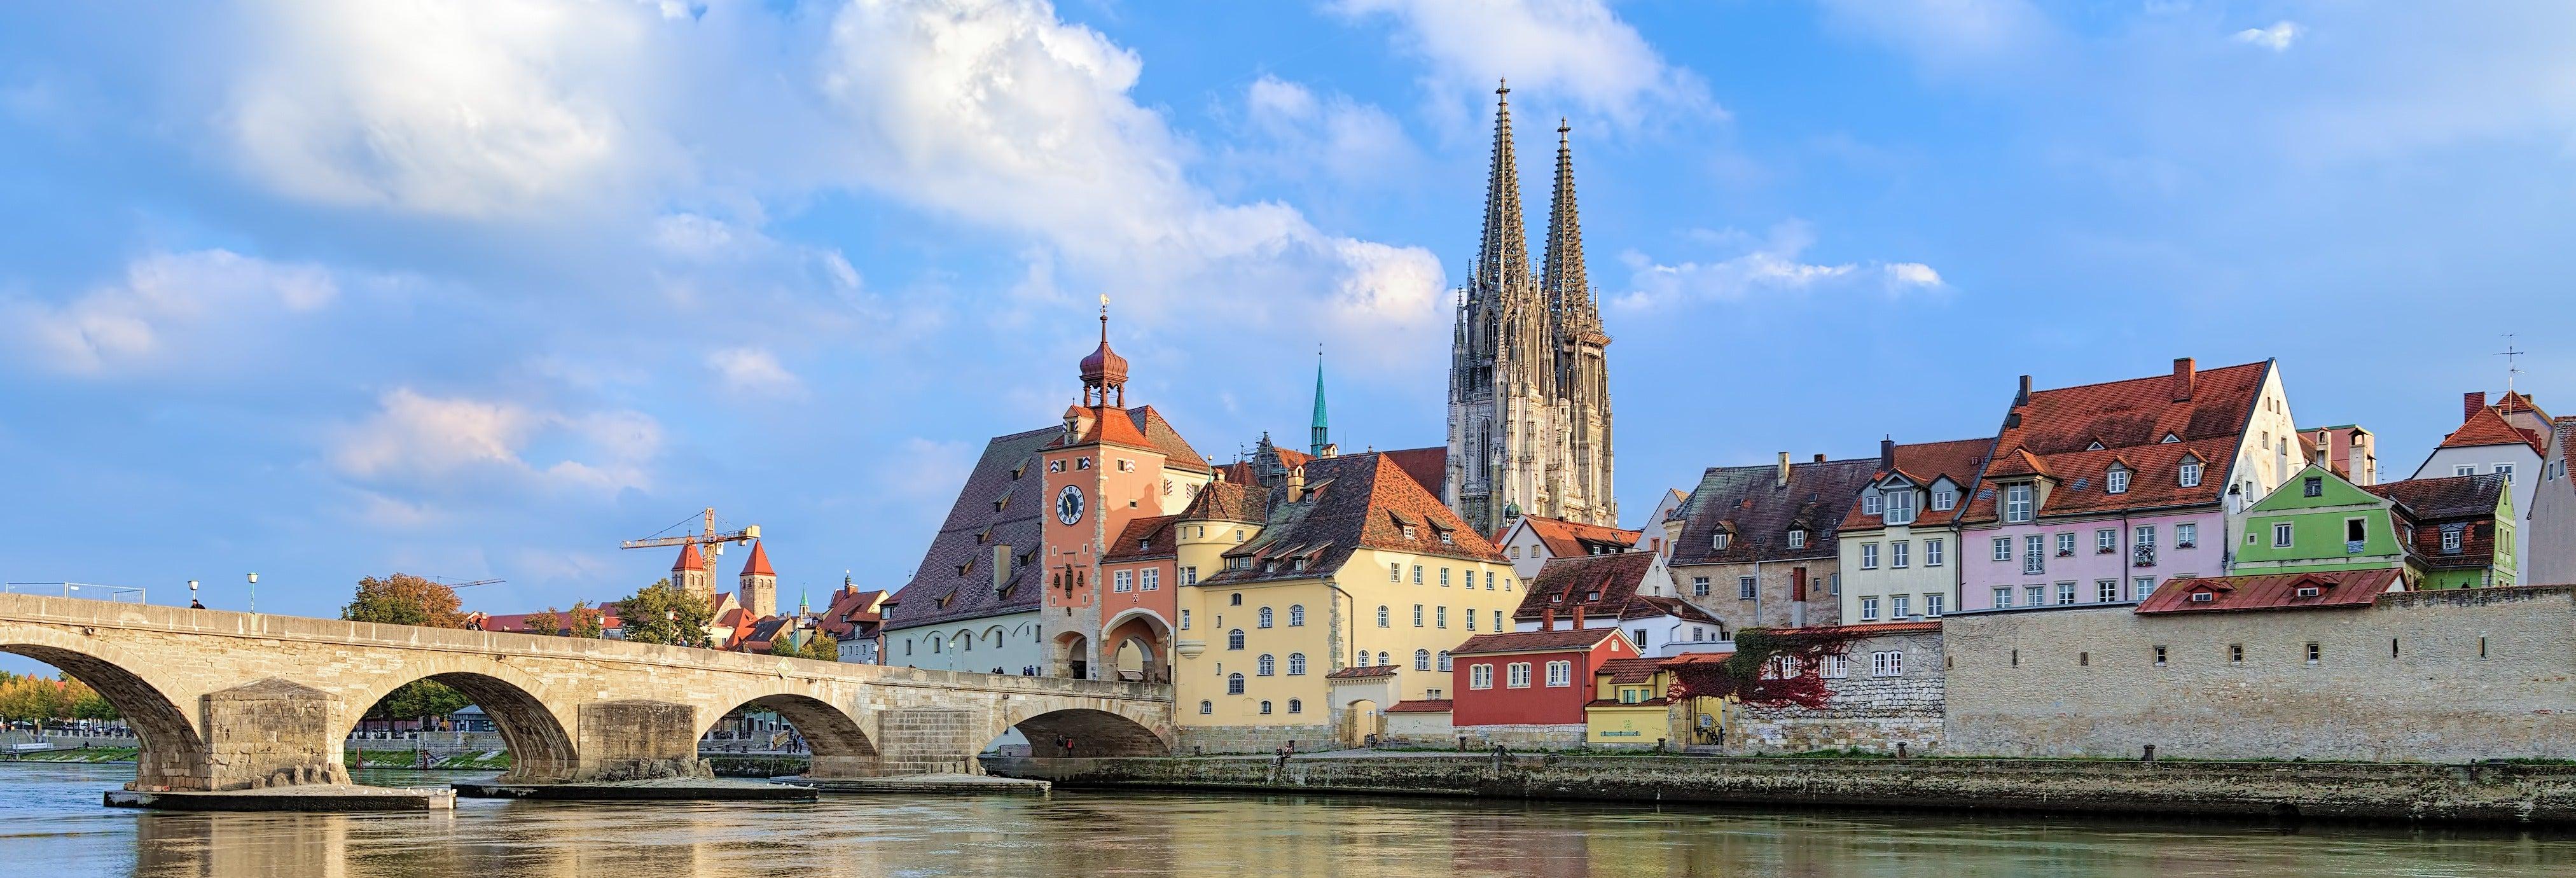 Excursão a Regensburg + Passeio de barco pelo Danúbio